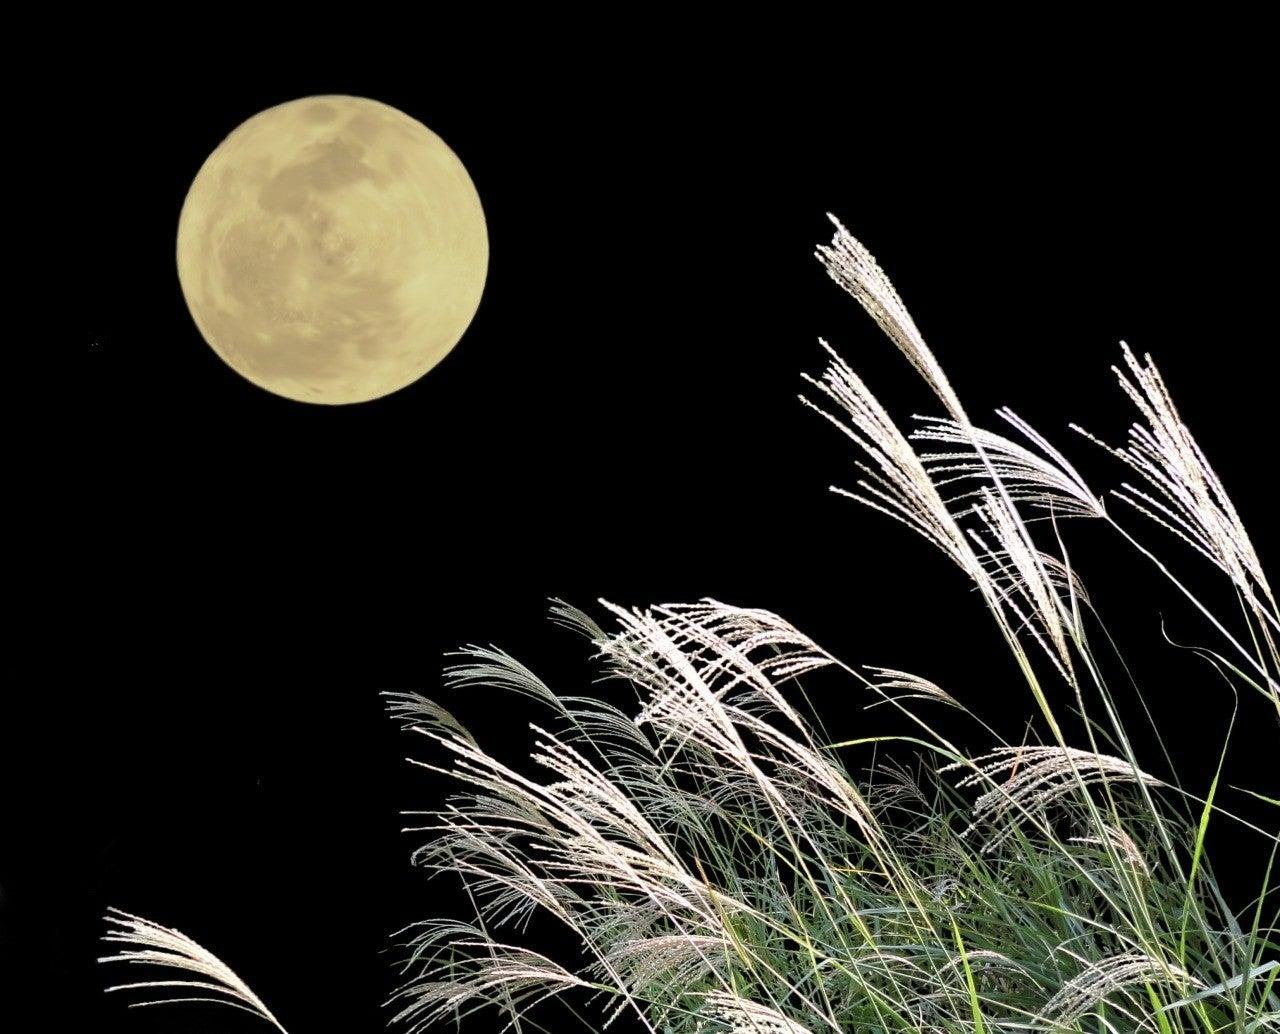 たる へ も の 望月 思ふ と を 欠け と 思 こと ば なし 世 わが ぞ ば この世